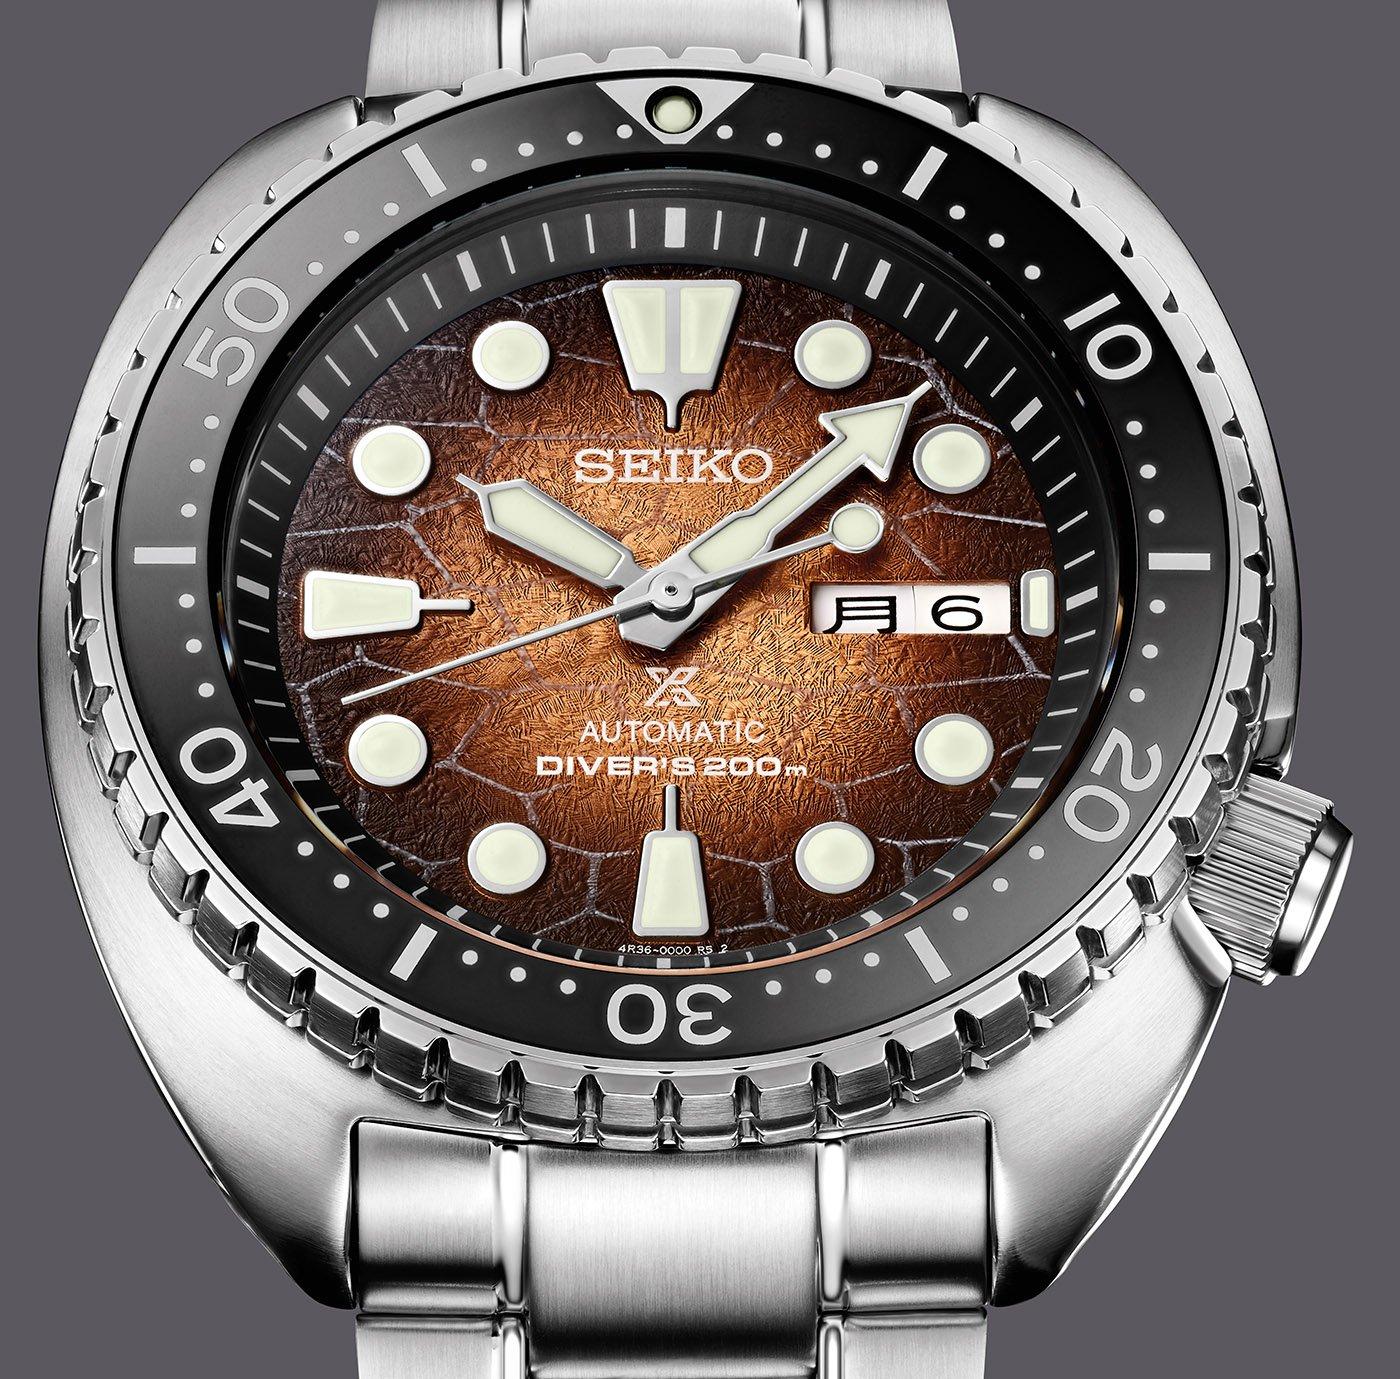 Seiko представила трио специальных серийных дайверских часов Prospex U.S., вдохновленных морскими черепахами